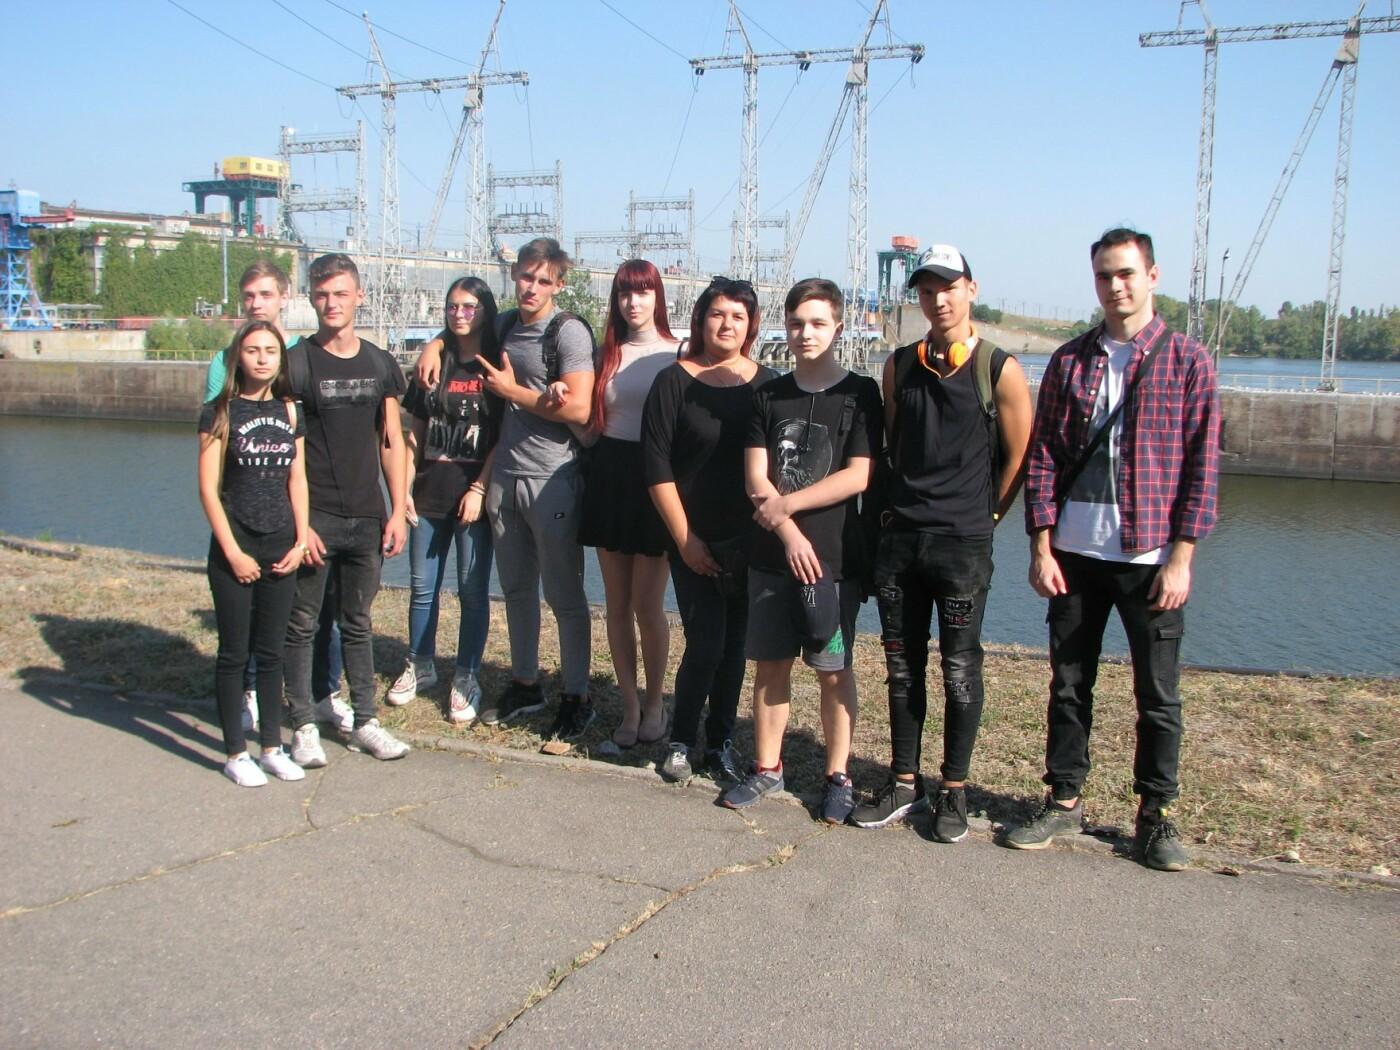 Каменчан приглашают на бесплатную экскурсию по Среднеднепровской ГЭС, фото-1